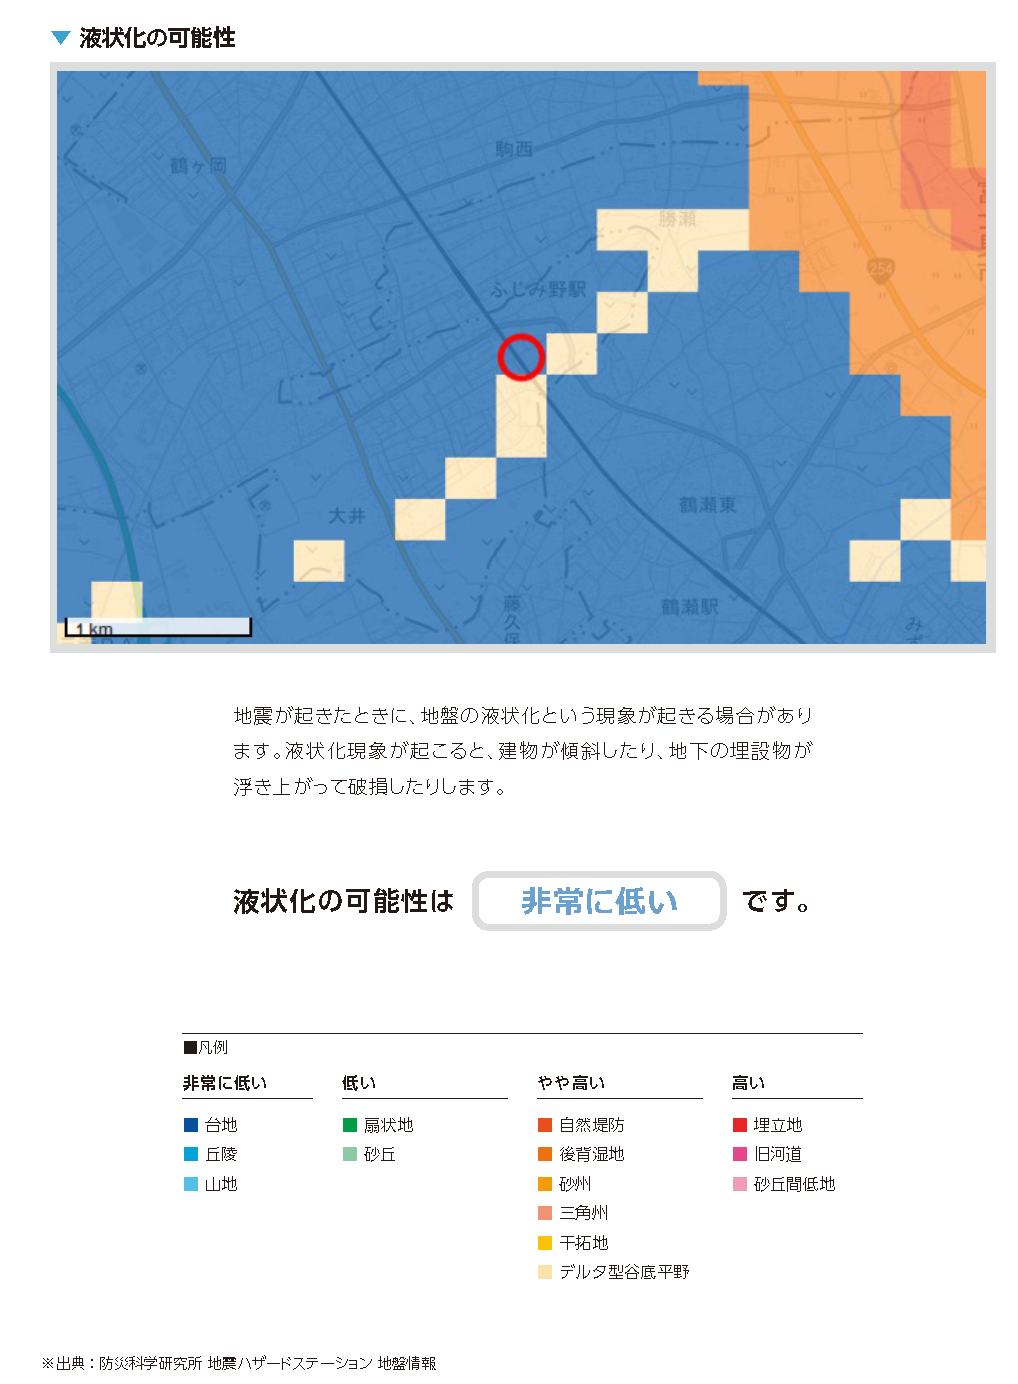 朝日工務店-土地情報レポート20160603_14900full__ページ_5